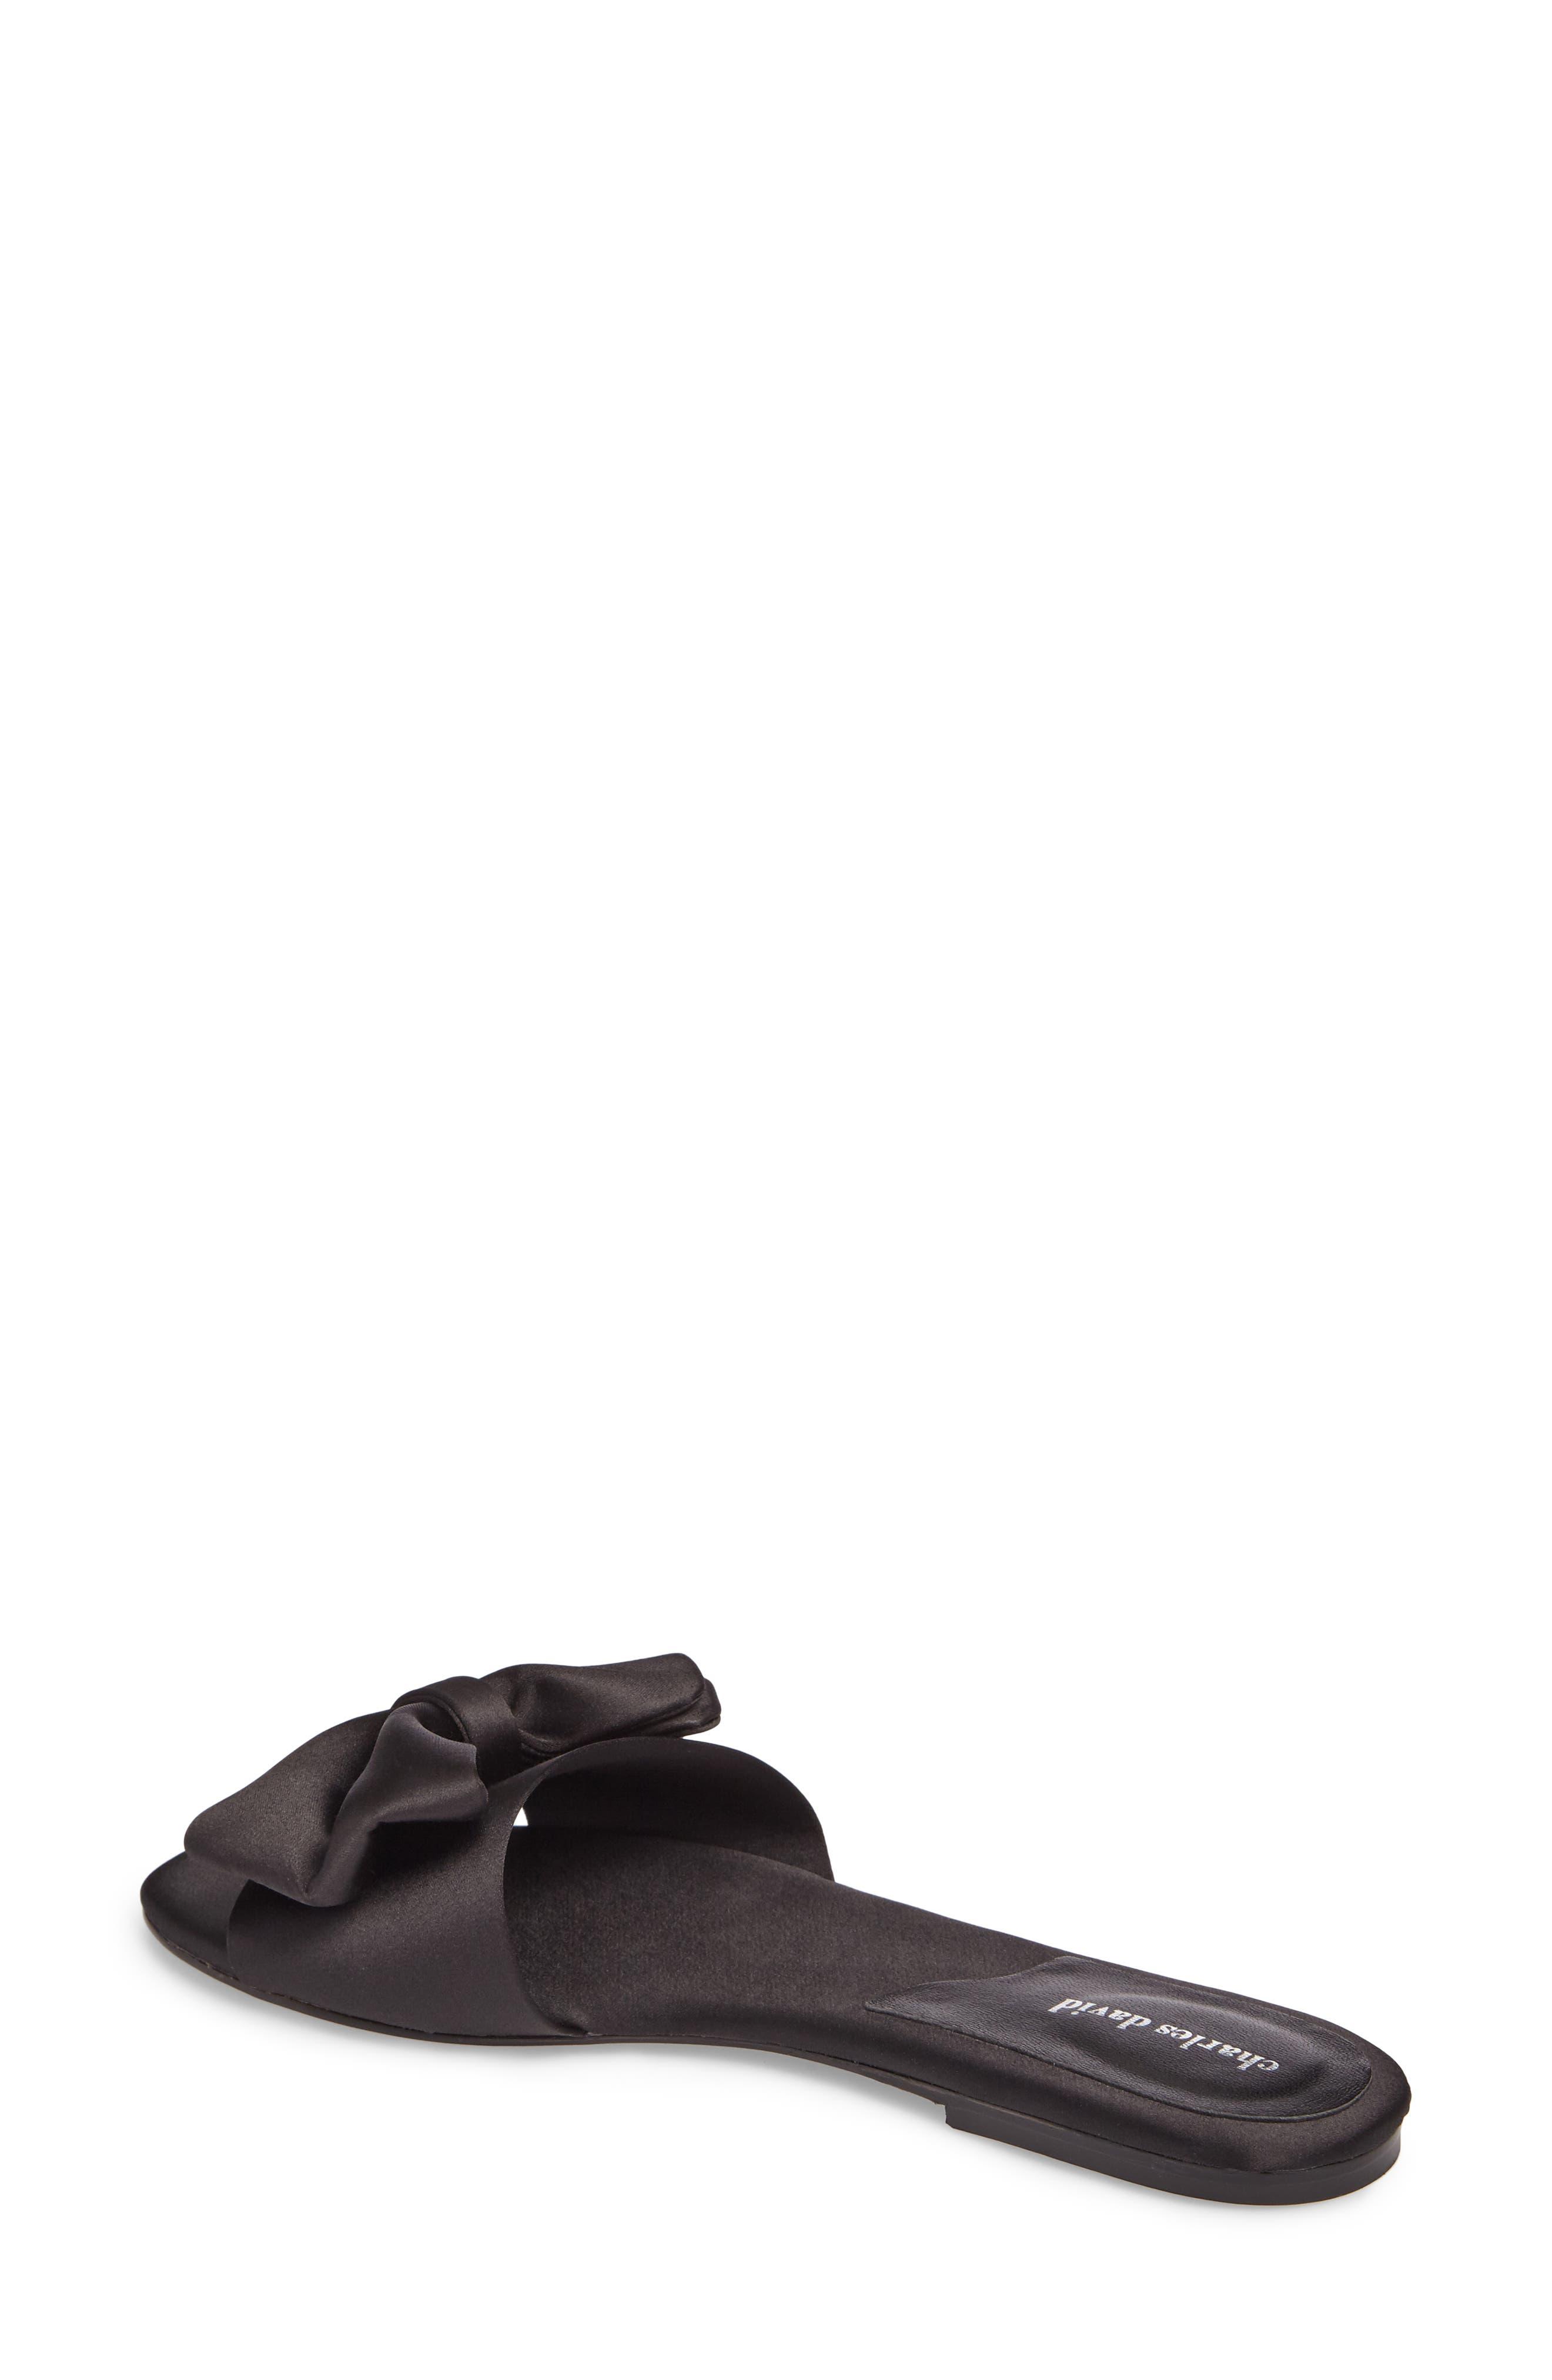 Bow Slide Sandal,                             Alternate thumbnail 2, color,                             Black Satin